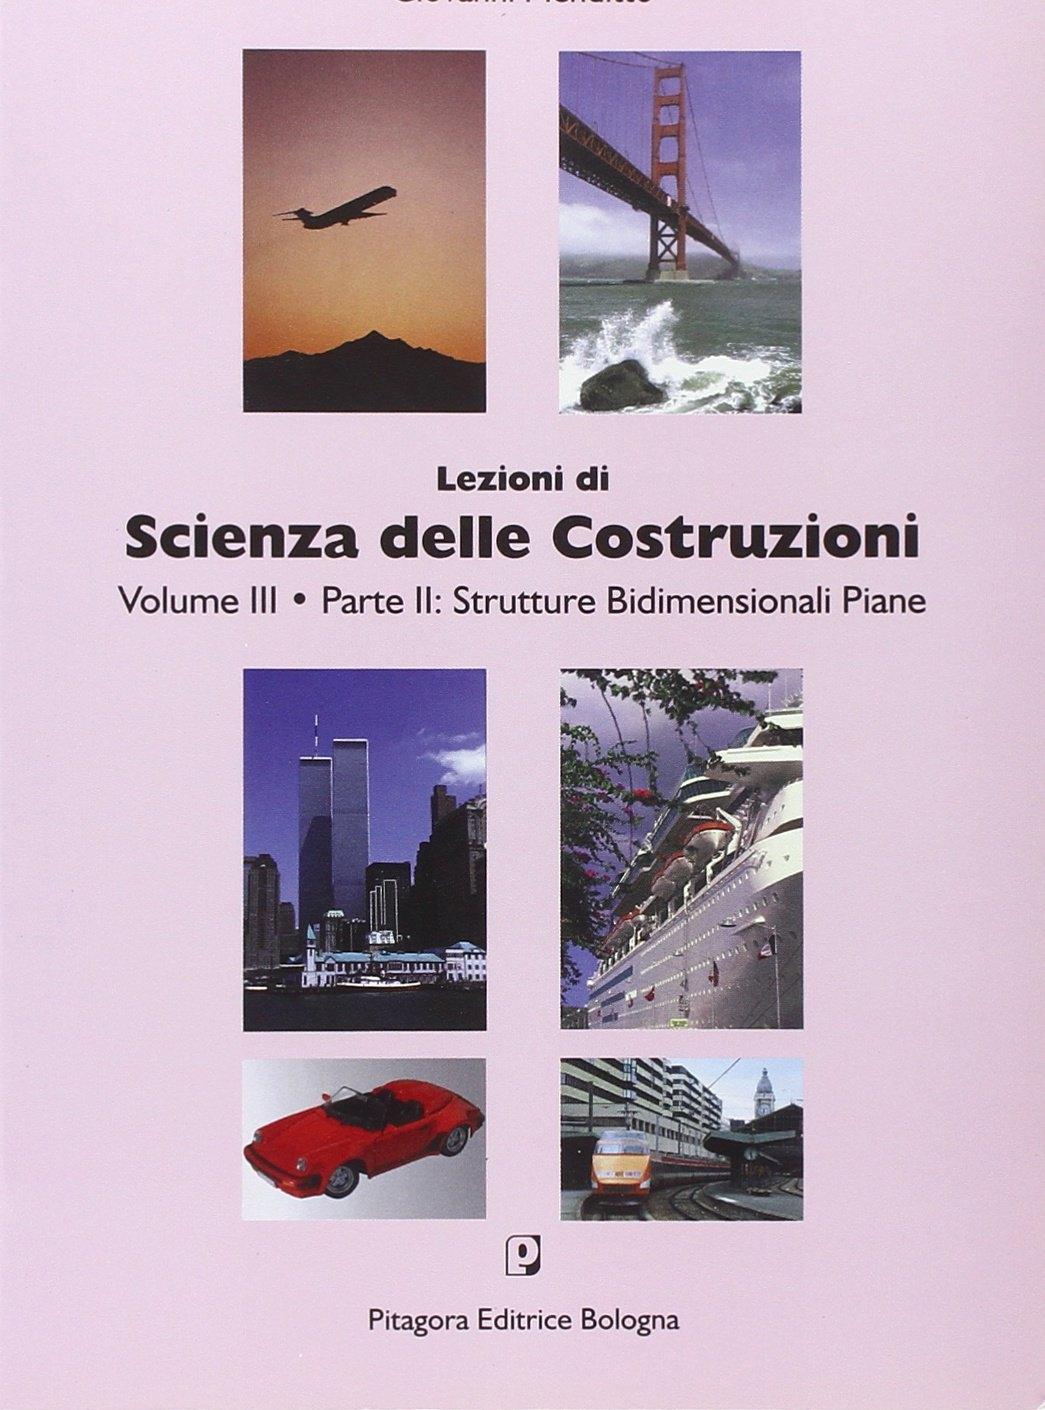 Lezioni di scienza delle costruzioni. 3.2. Strutture bidimensionali piane.